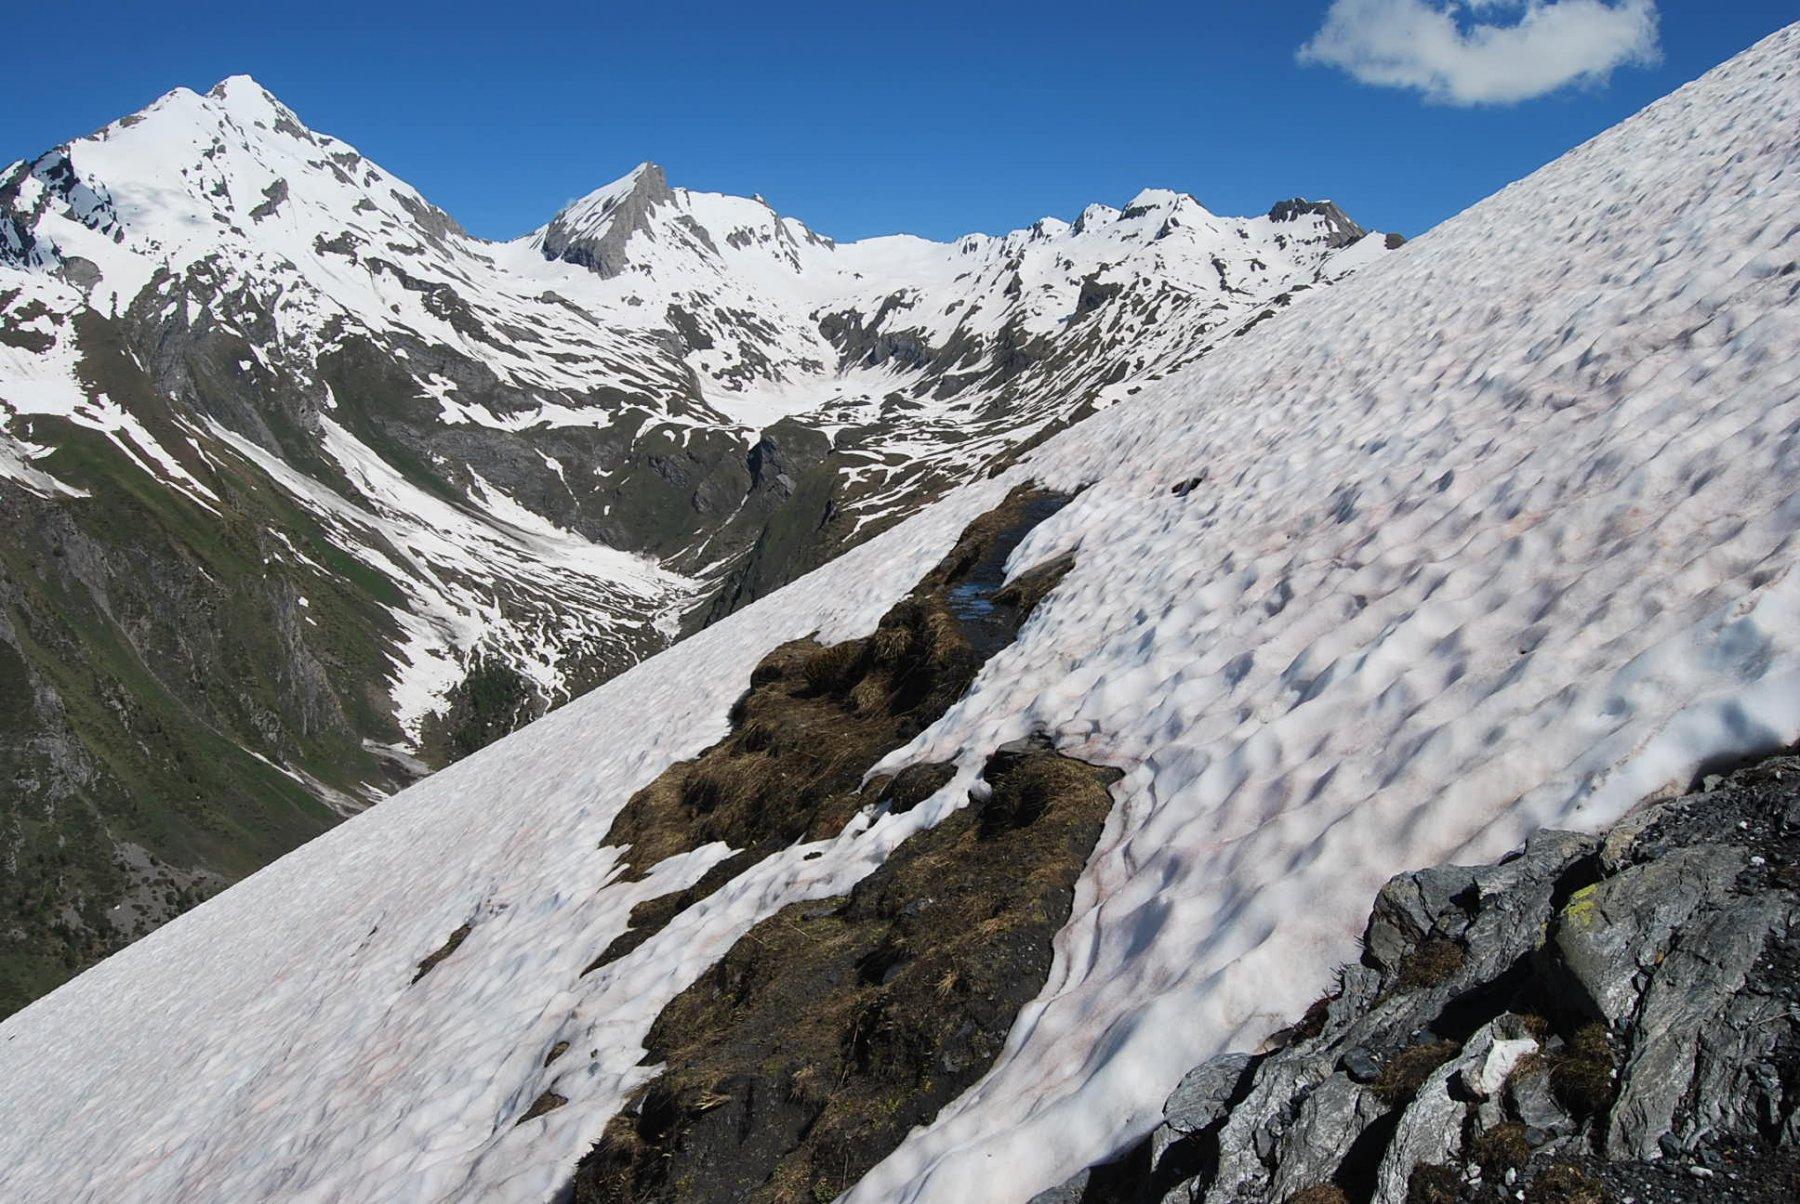 Sul sentiero 3A che appena dopo il Tramaglio scompare nella neve